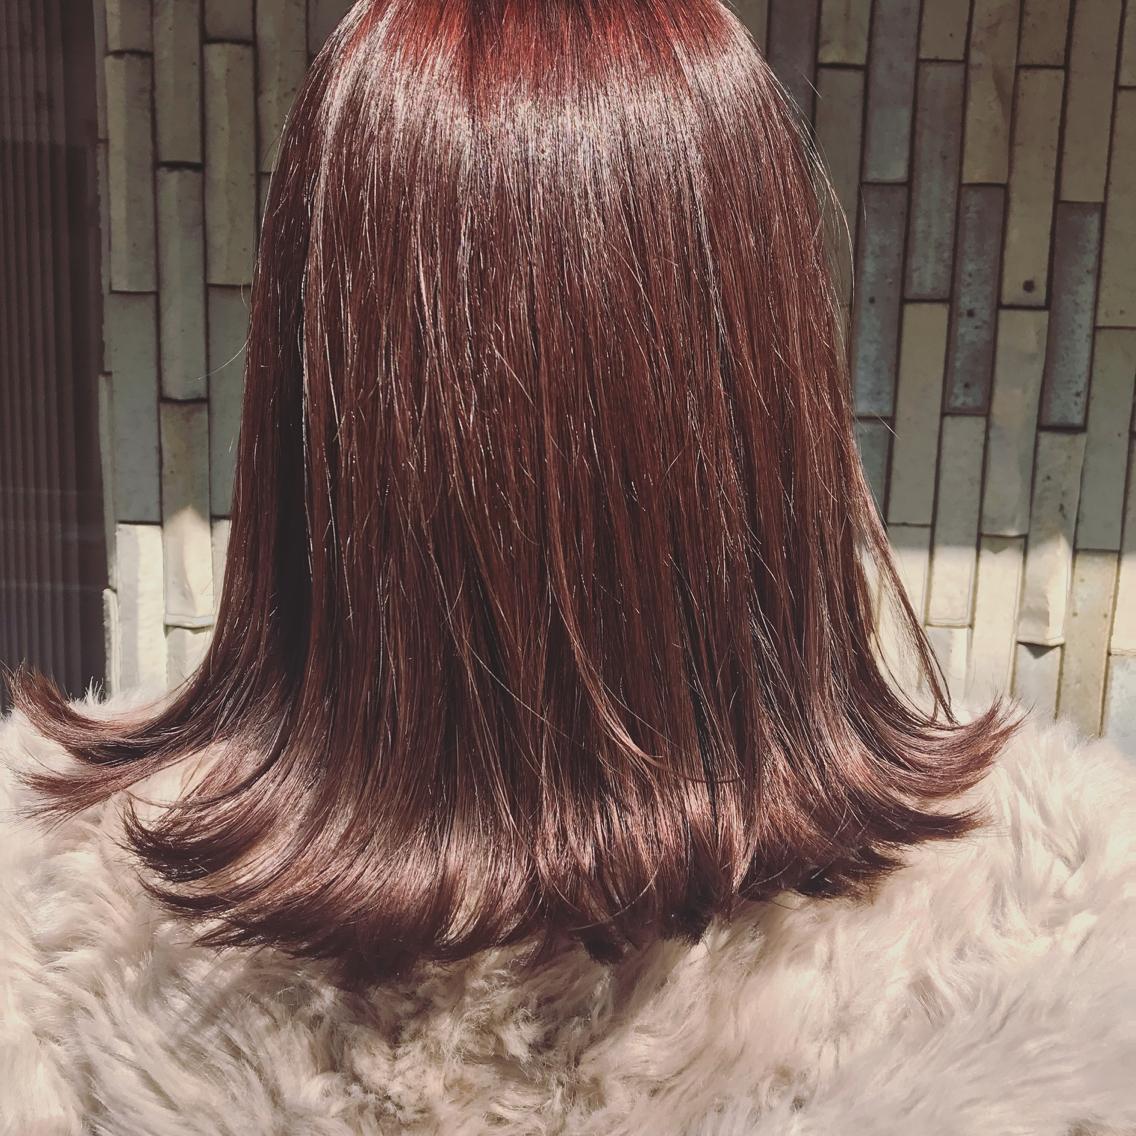 #ミディアム #カラー 1回ブリーチをしたことのある髪でもAujuaのトリートメントでこんなにツヤサラになります!一人一人のお悩みやなりたい髪質に合わせてオーダーメイドで選んでいくトリートメントです!ぜひ髪質のお悩みご相談ください! ❤︎